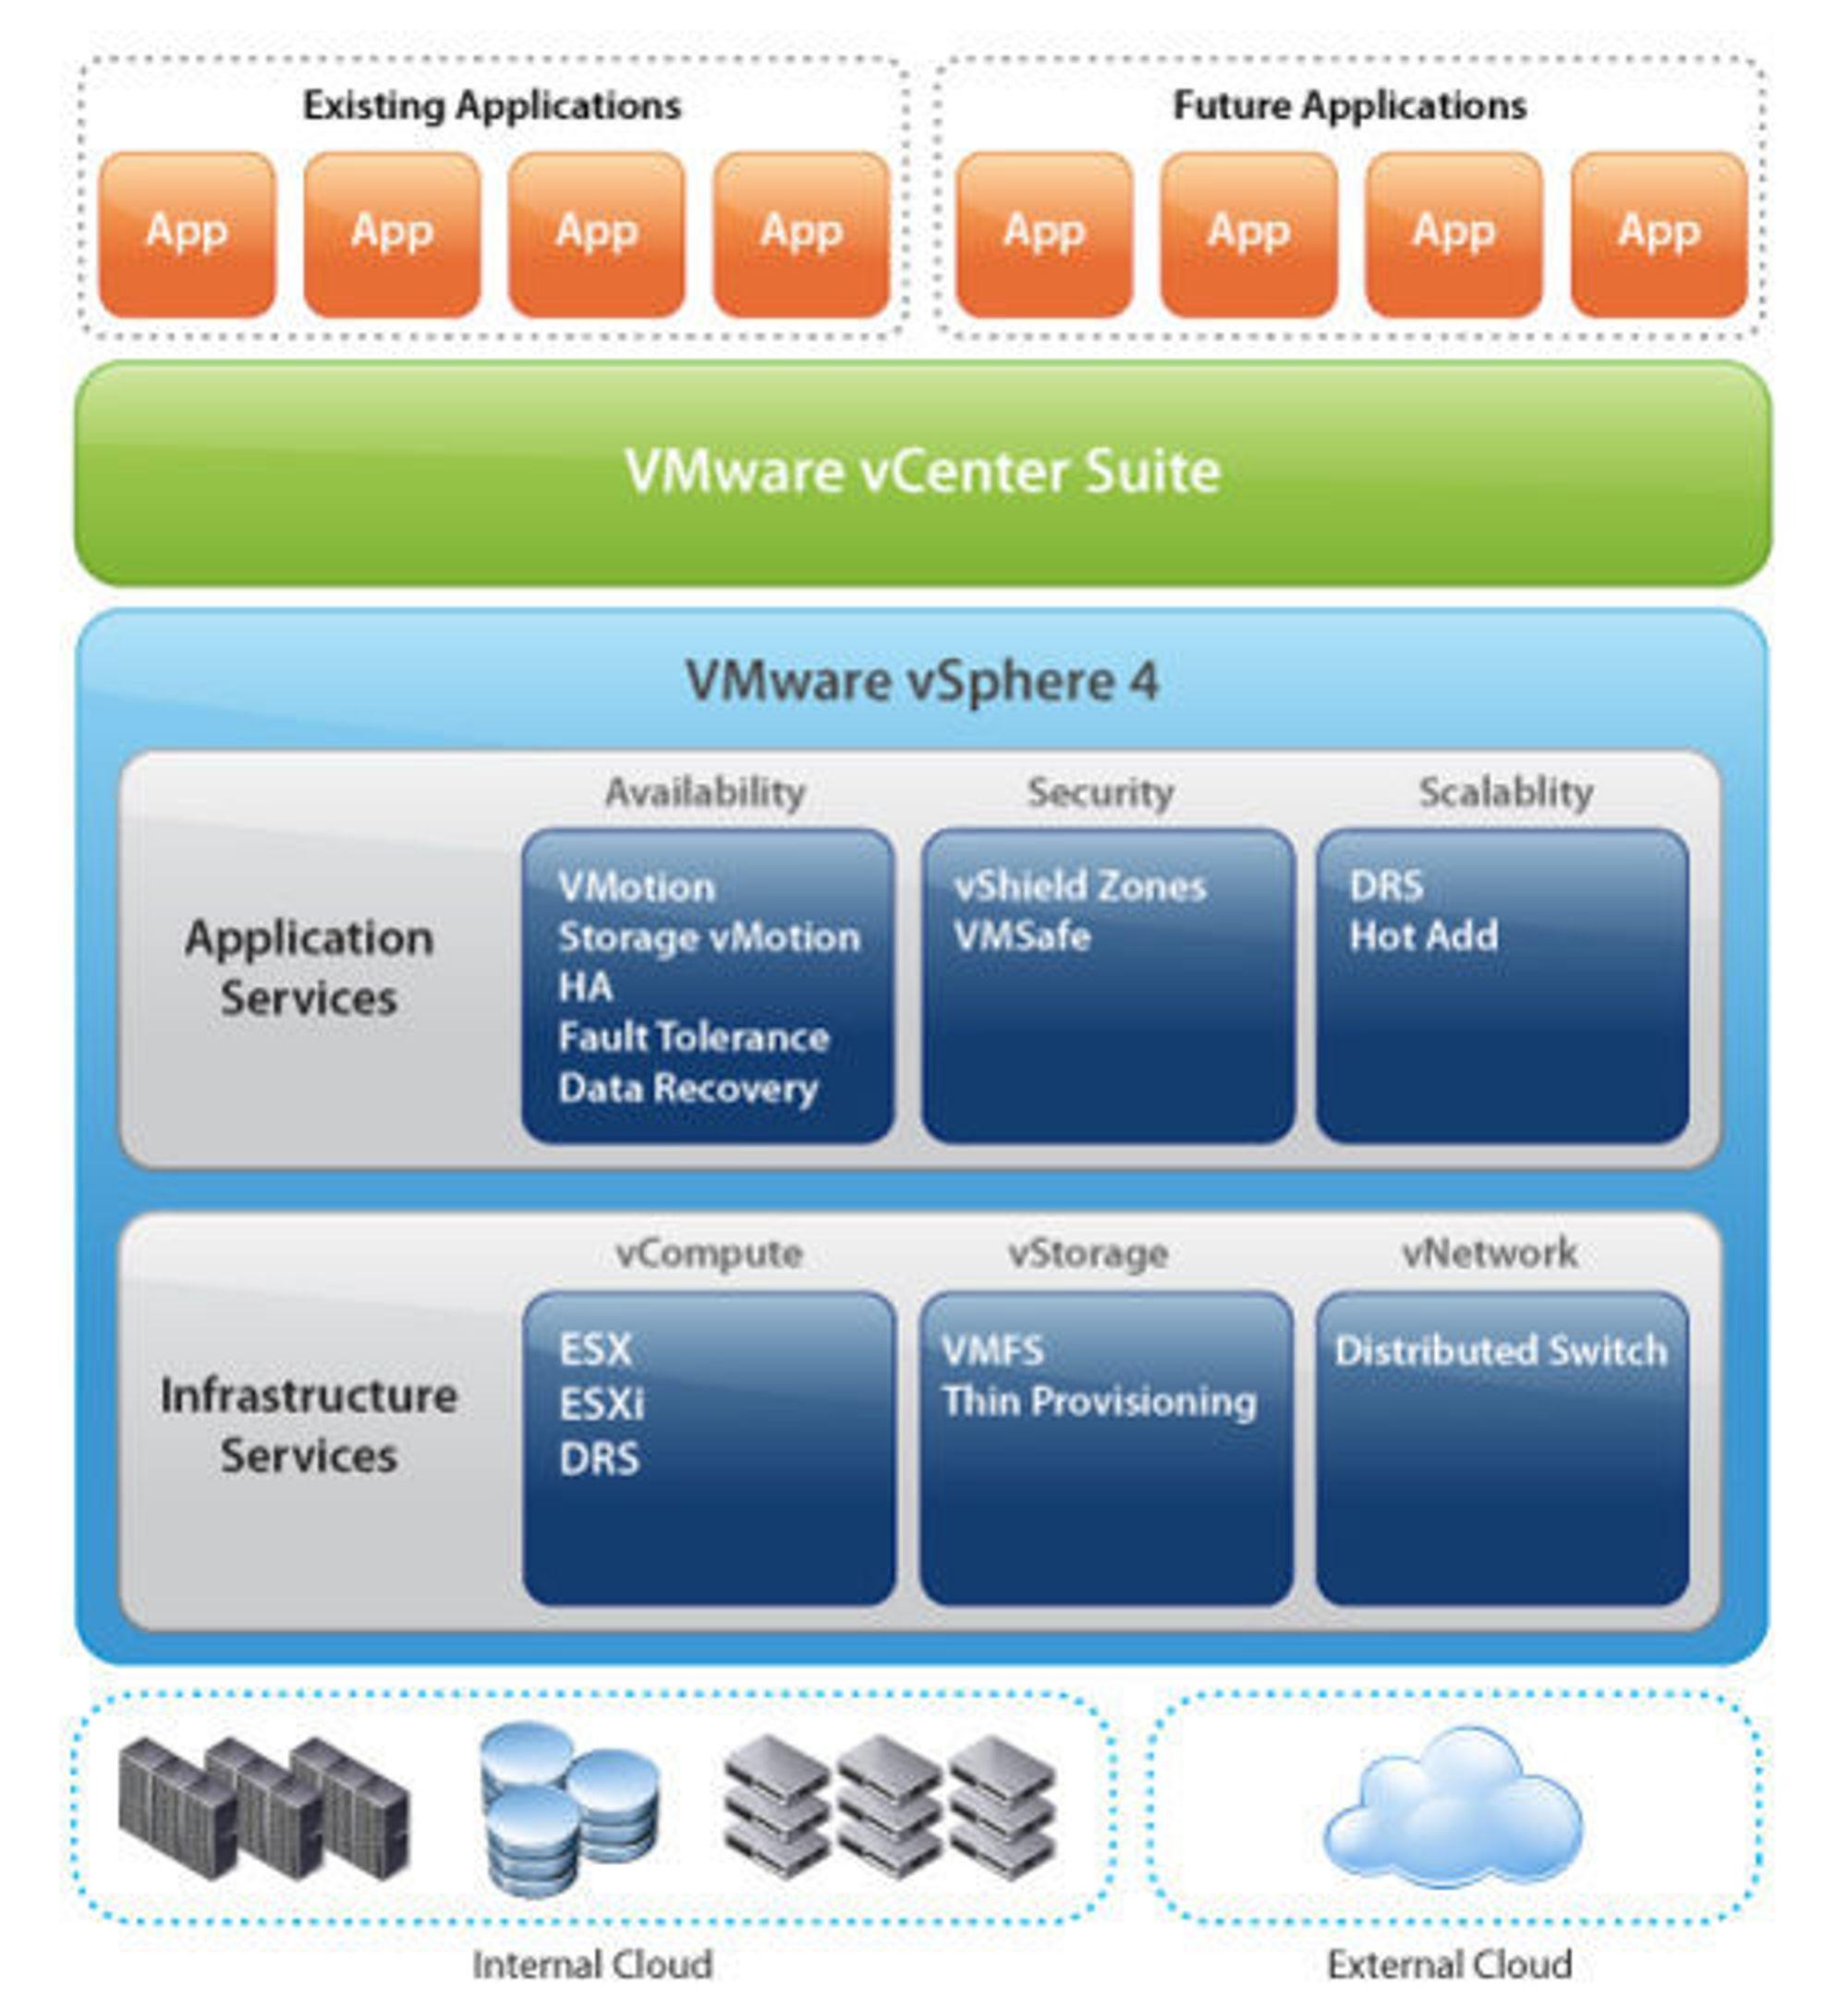 Slik presenterer  VMware plasseringen av vSphere 4 i et internt nettsky-miljø.